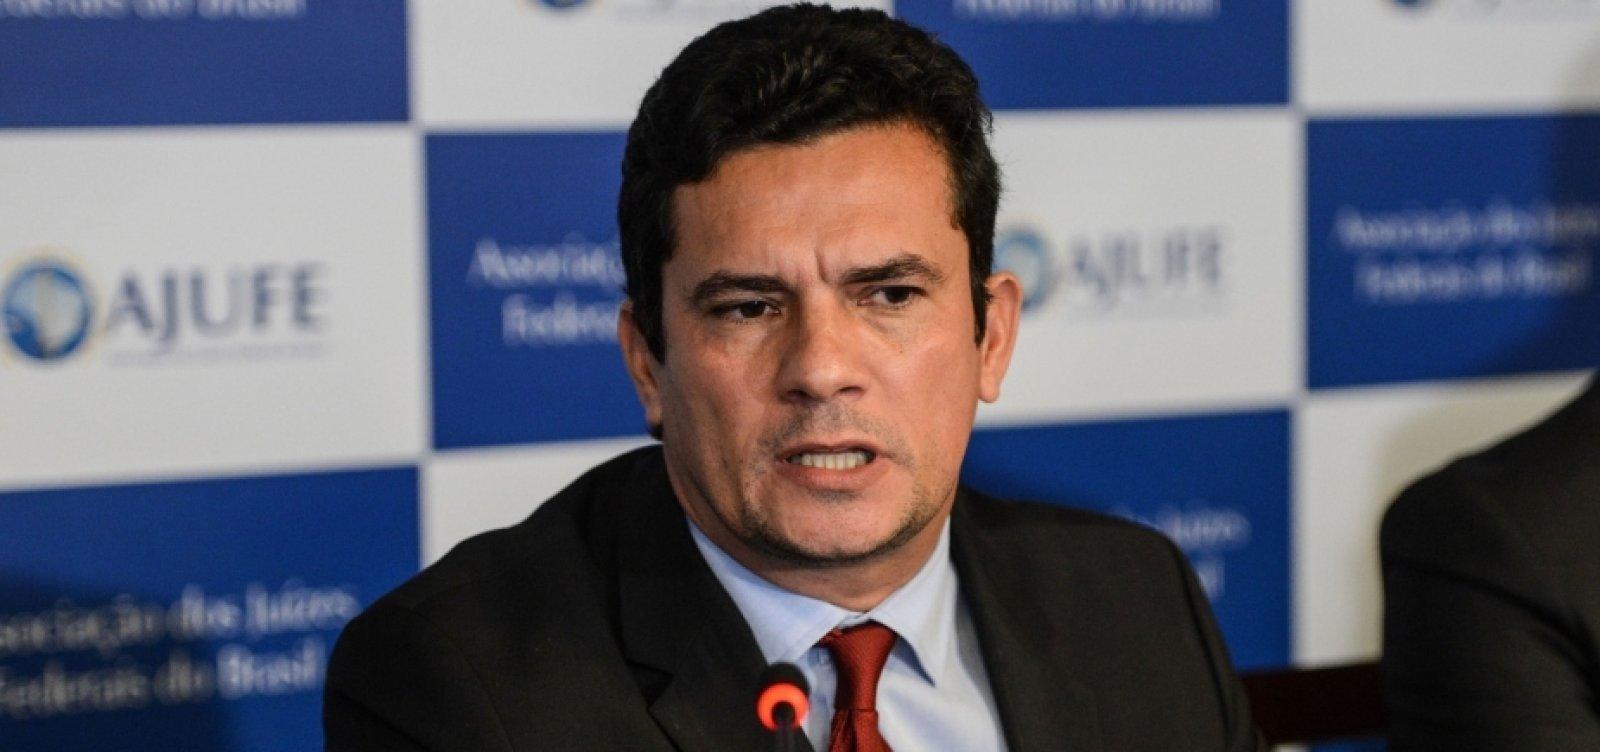 [Após falas de Lula e Bolsonaro, Moro afirma que 'coronavírus não é piada nem algo positivo']